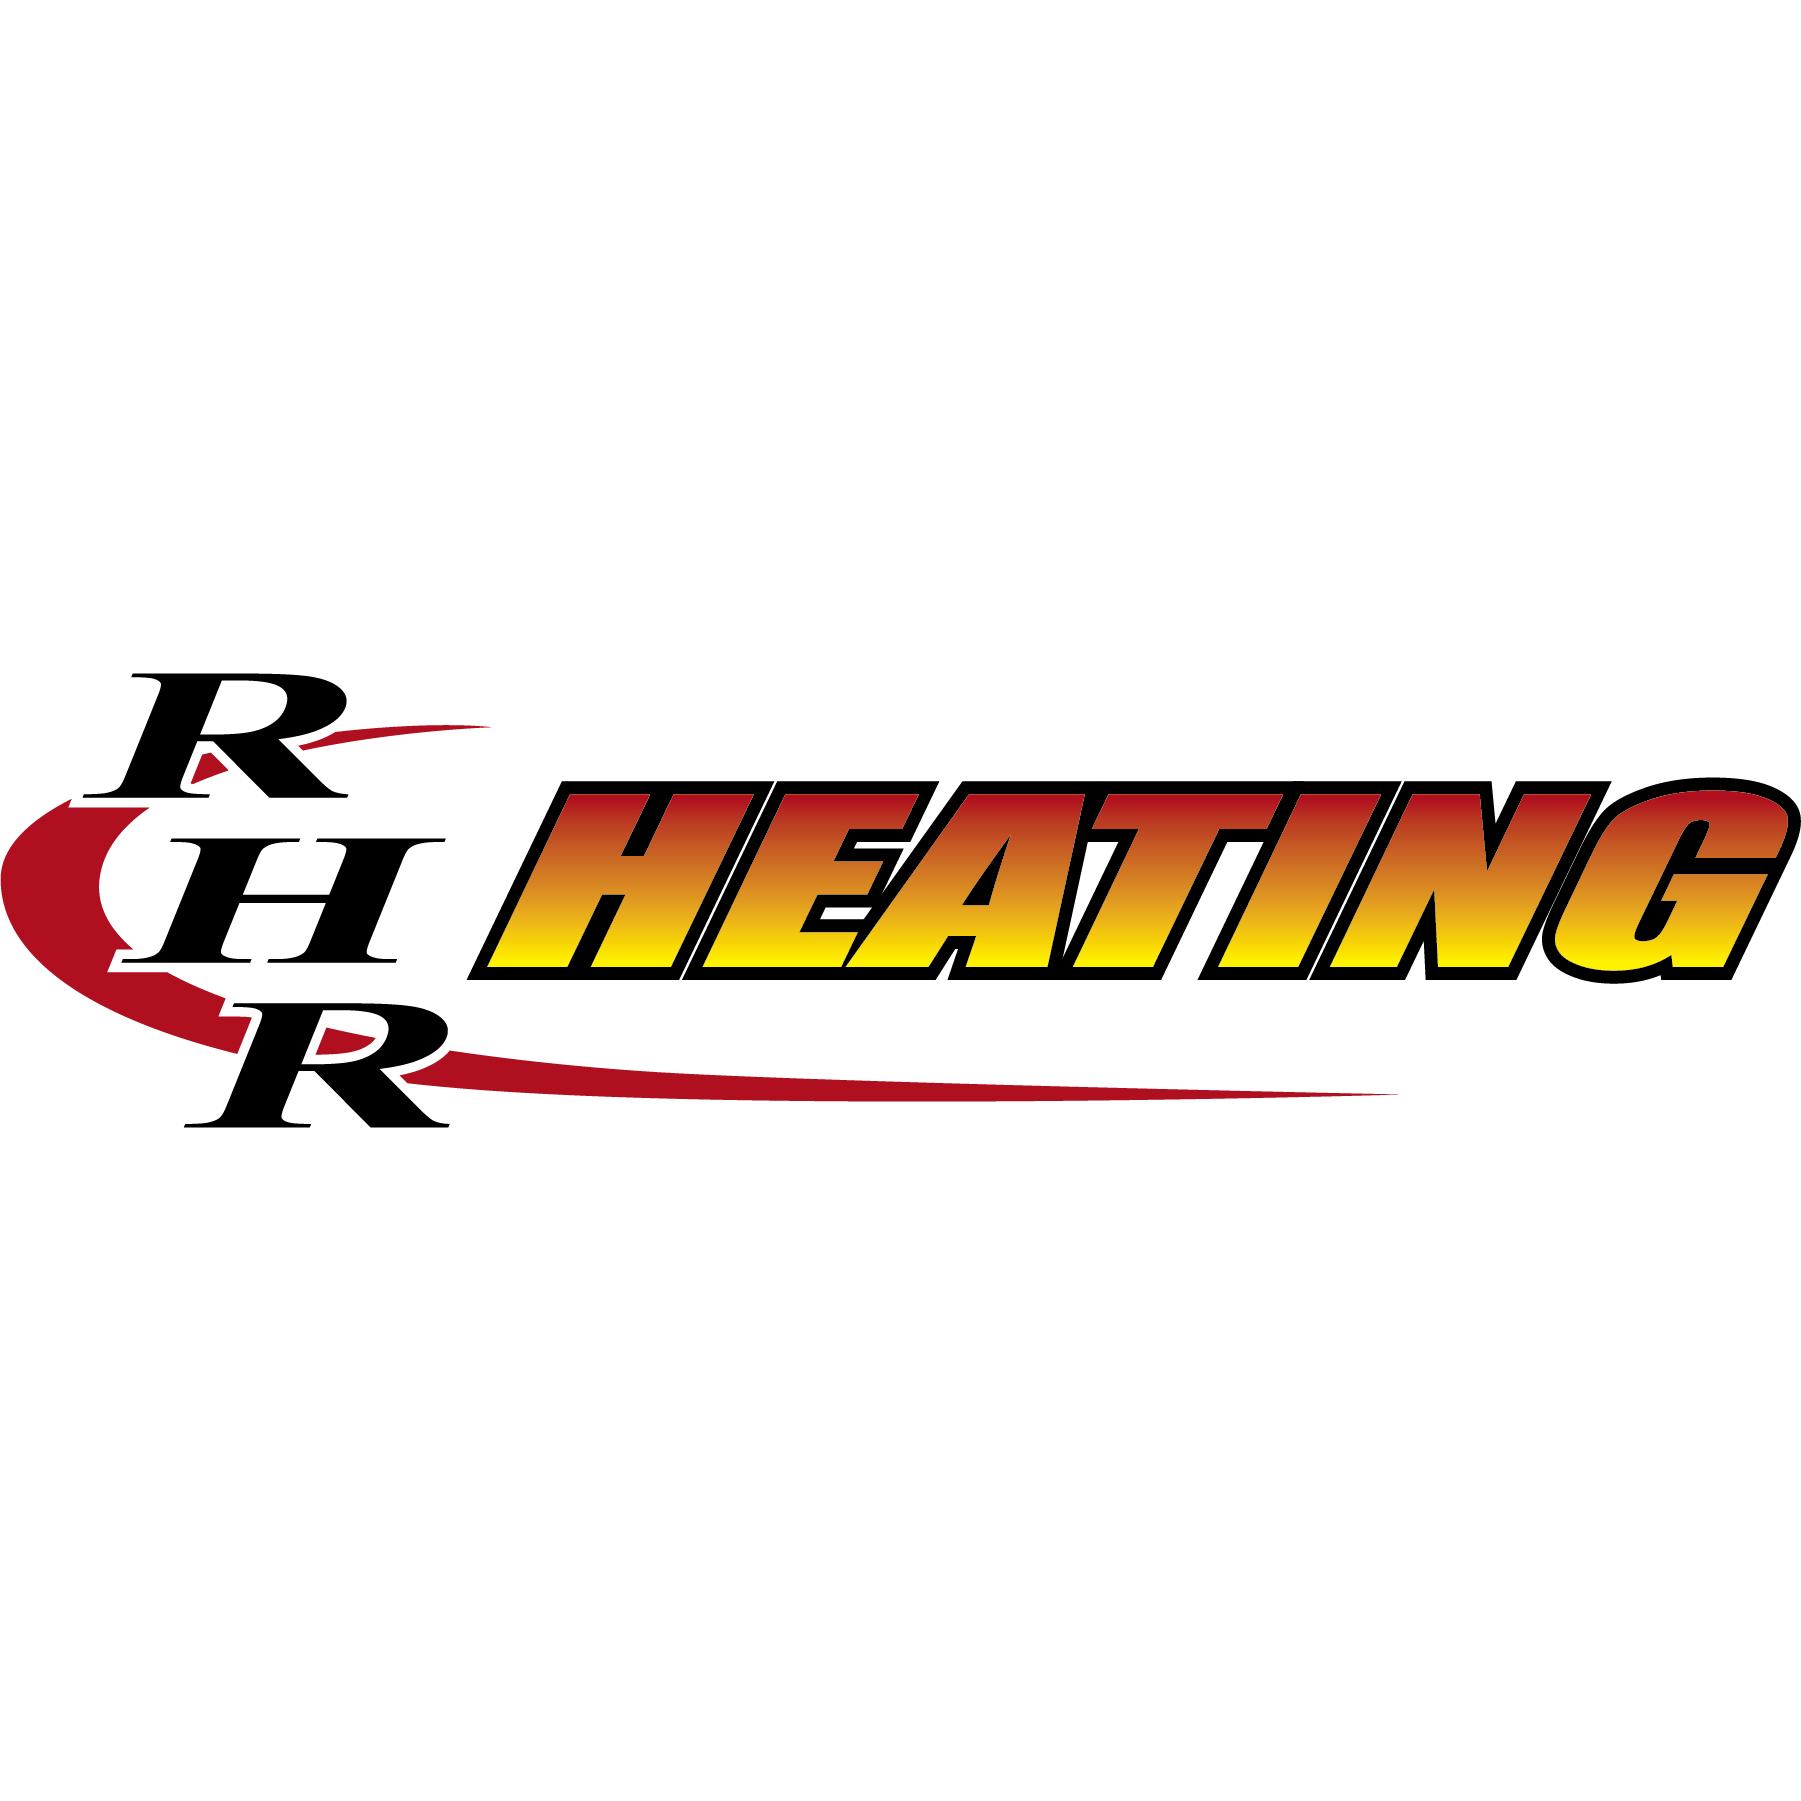 RHR Heating LLC image 0